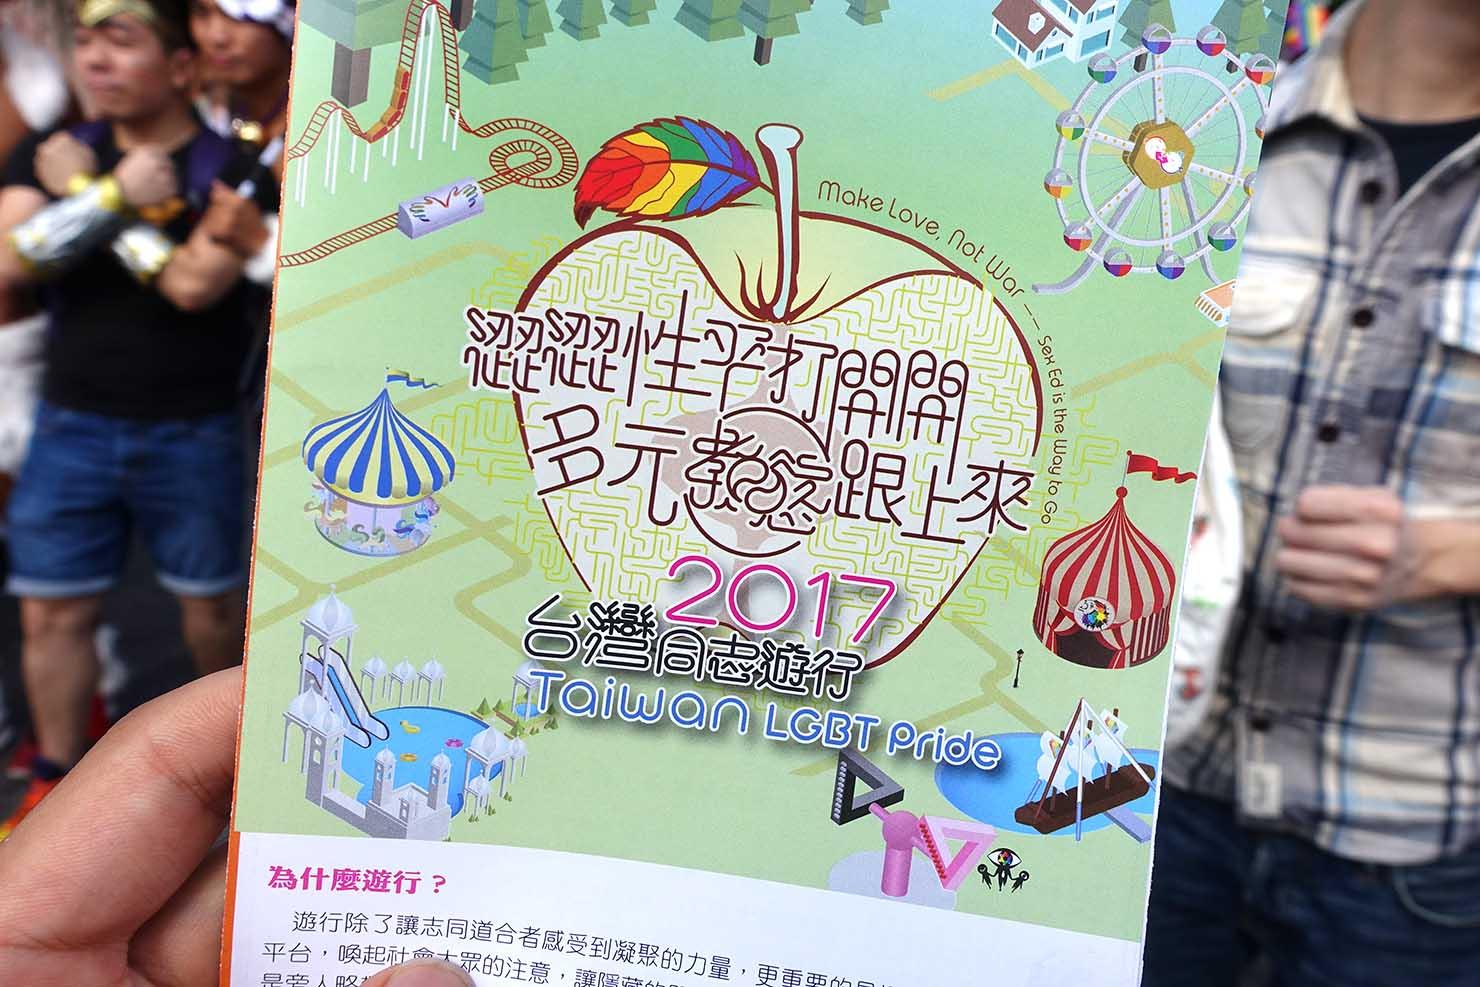 台湾LGBTプライド(台灣同志遊行)2017のテーマ「澀澀性平打開開 多元教慾跟上來」